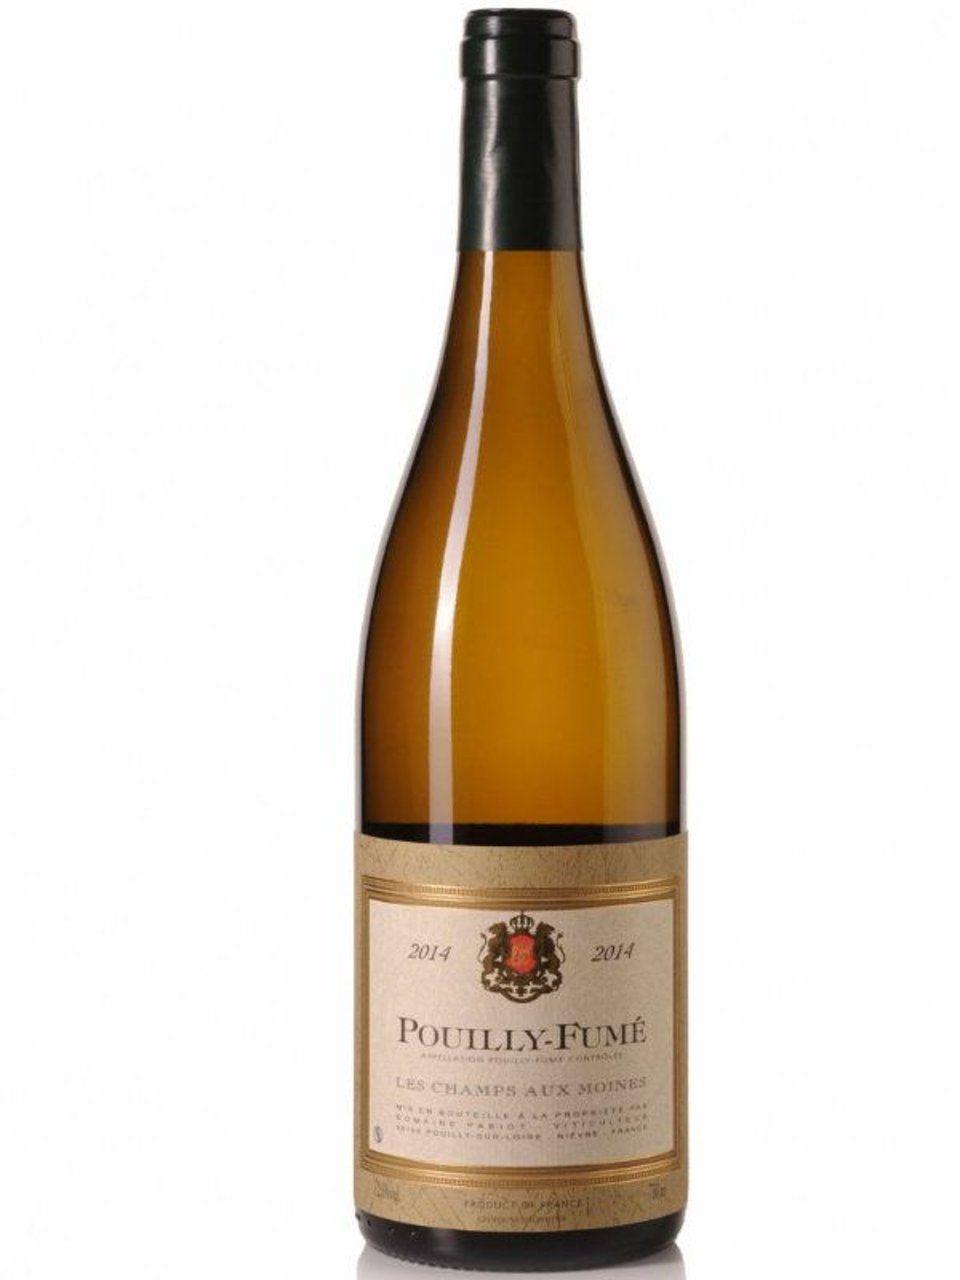 Pouilly-Fumé, Domaine des Champs aus Moines